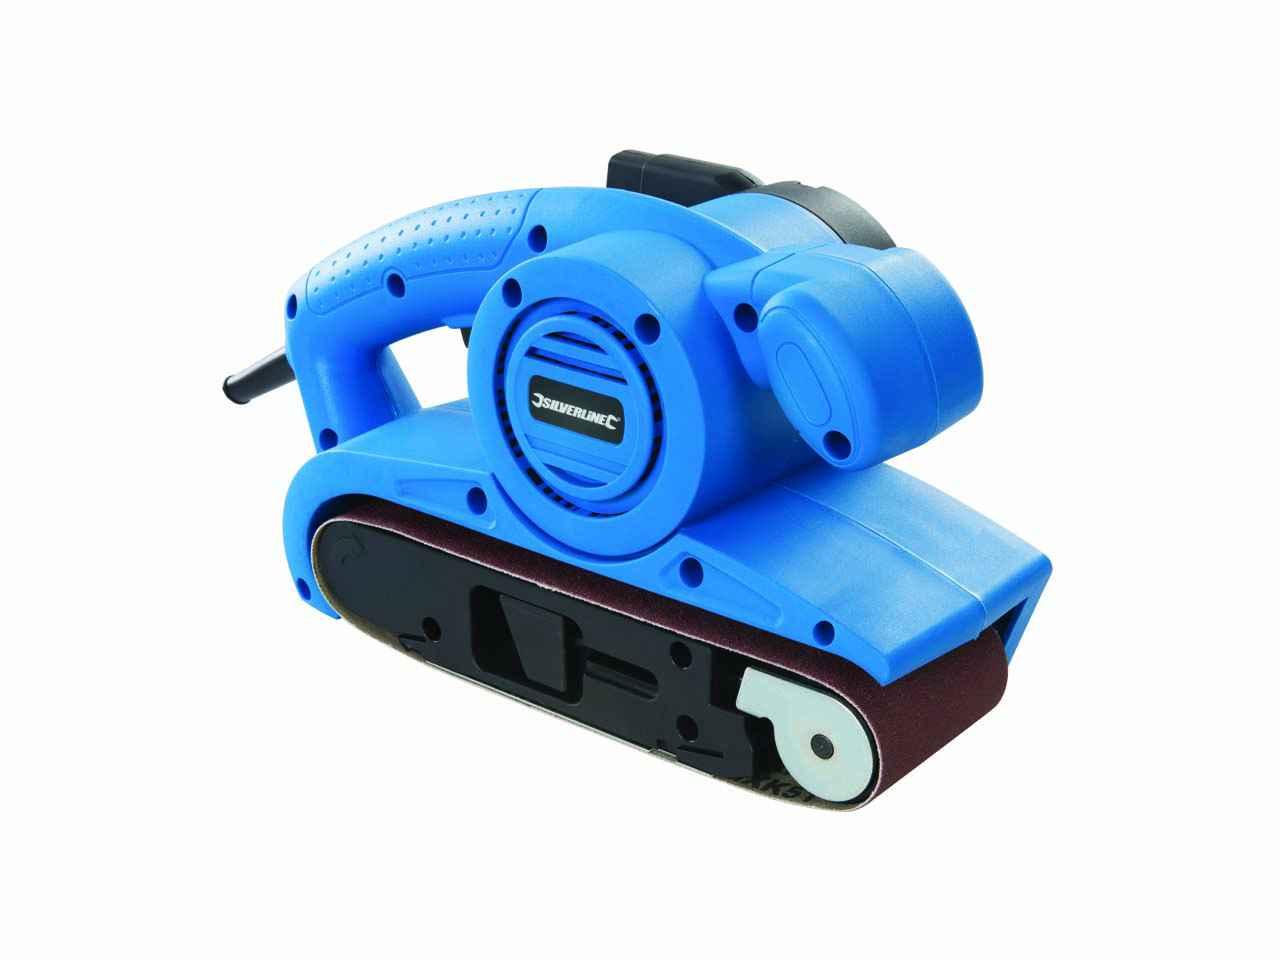 6 bandes de ponçage Silverline Electric Belt Sander ponçage Machine Outil électrique